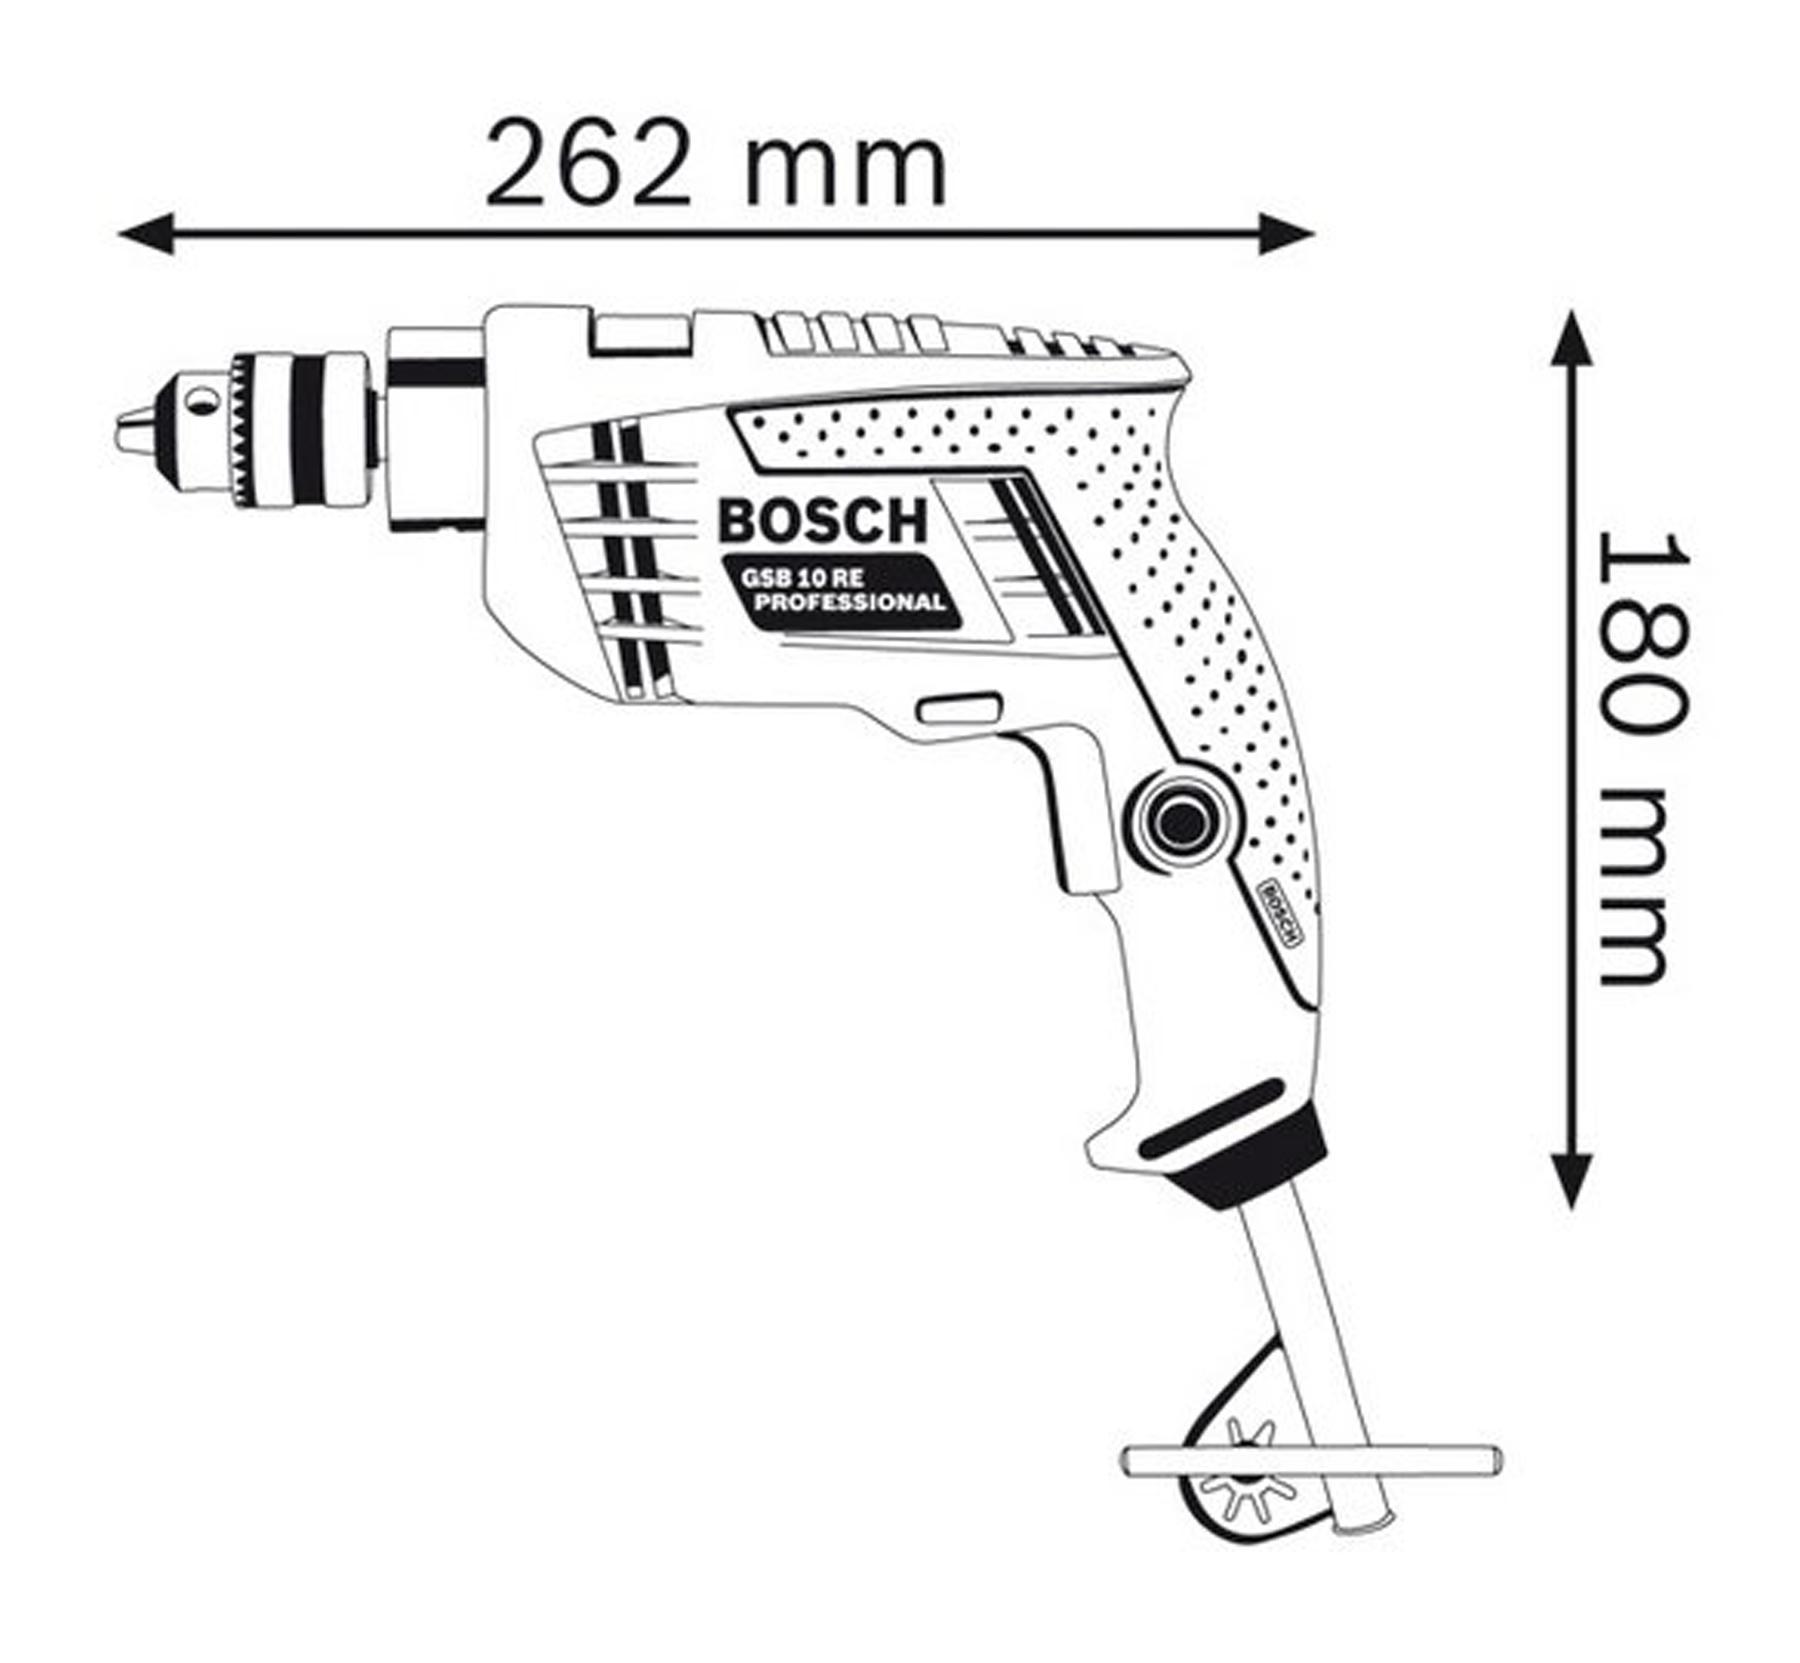 Fitur Bosch Gsb 10 Re Mesin Bor Tembok Impact Drill Dan Harga Beton 16 3